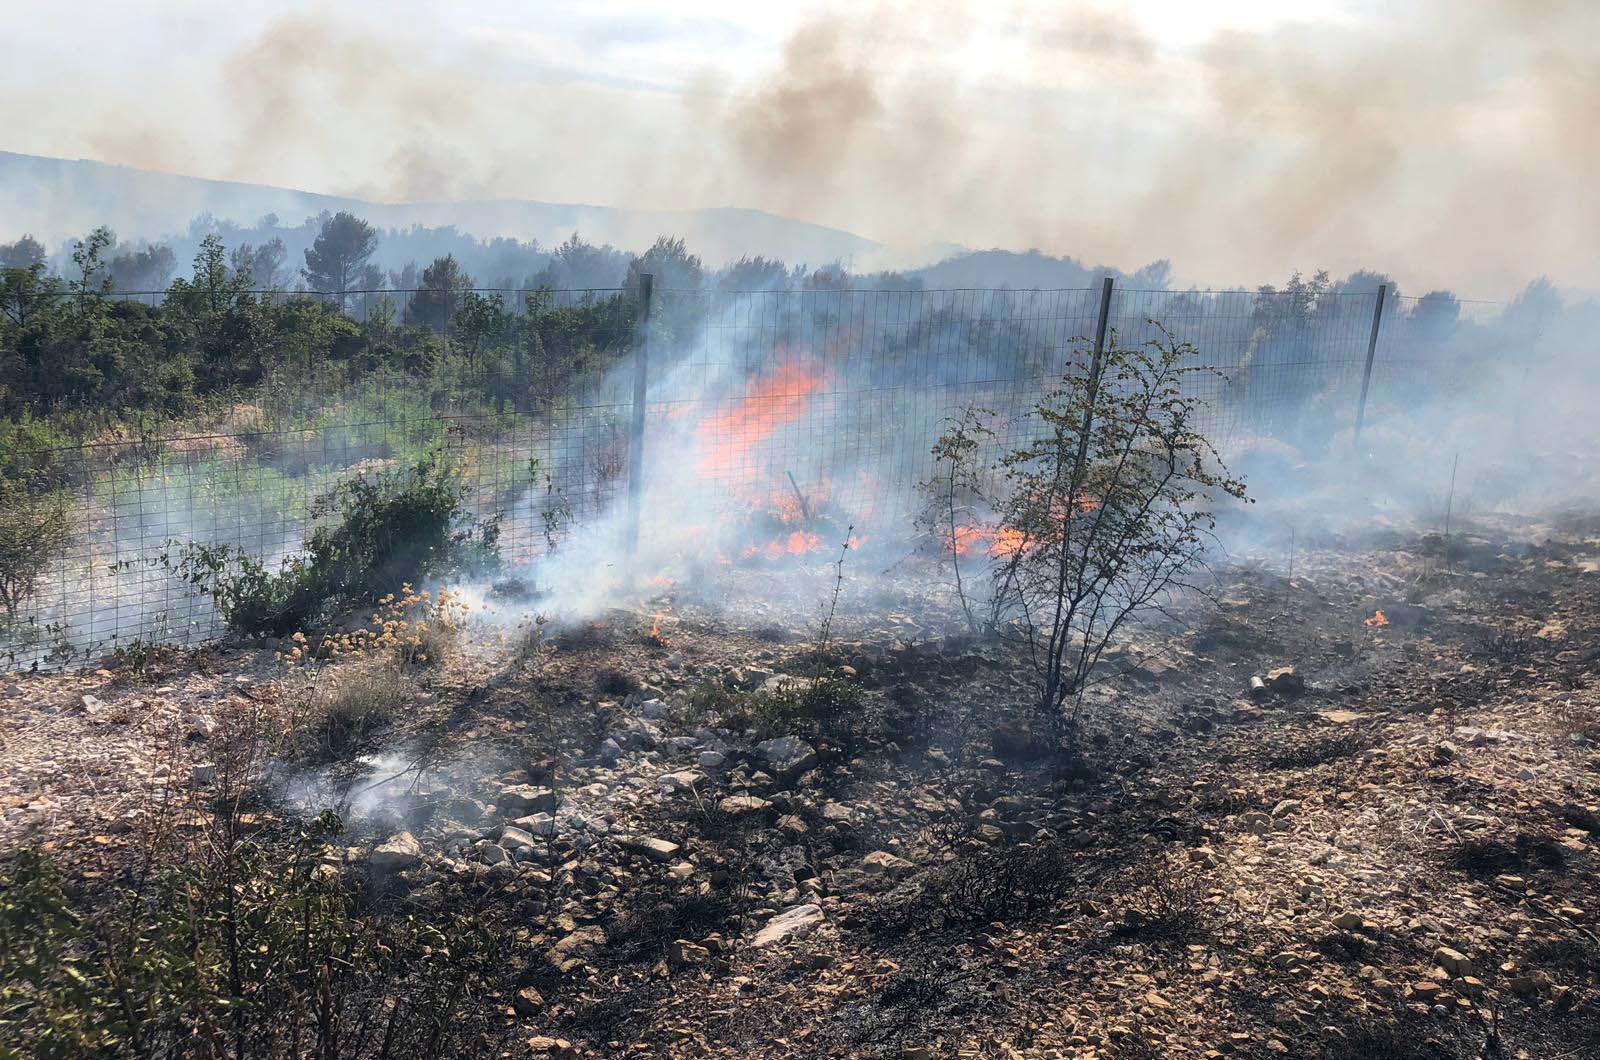 UHIĆENA PIROMANKA – MUP: Požar u šibenskoj Dubravi namjerno podmetnut